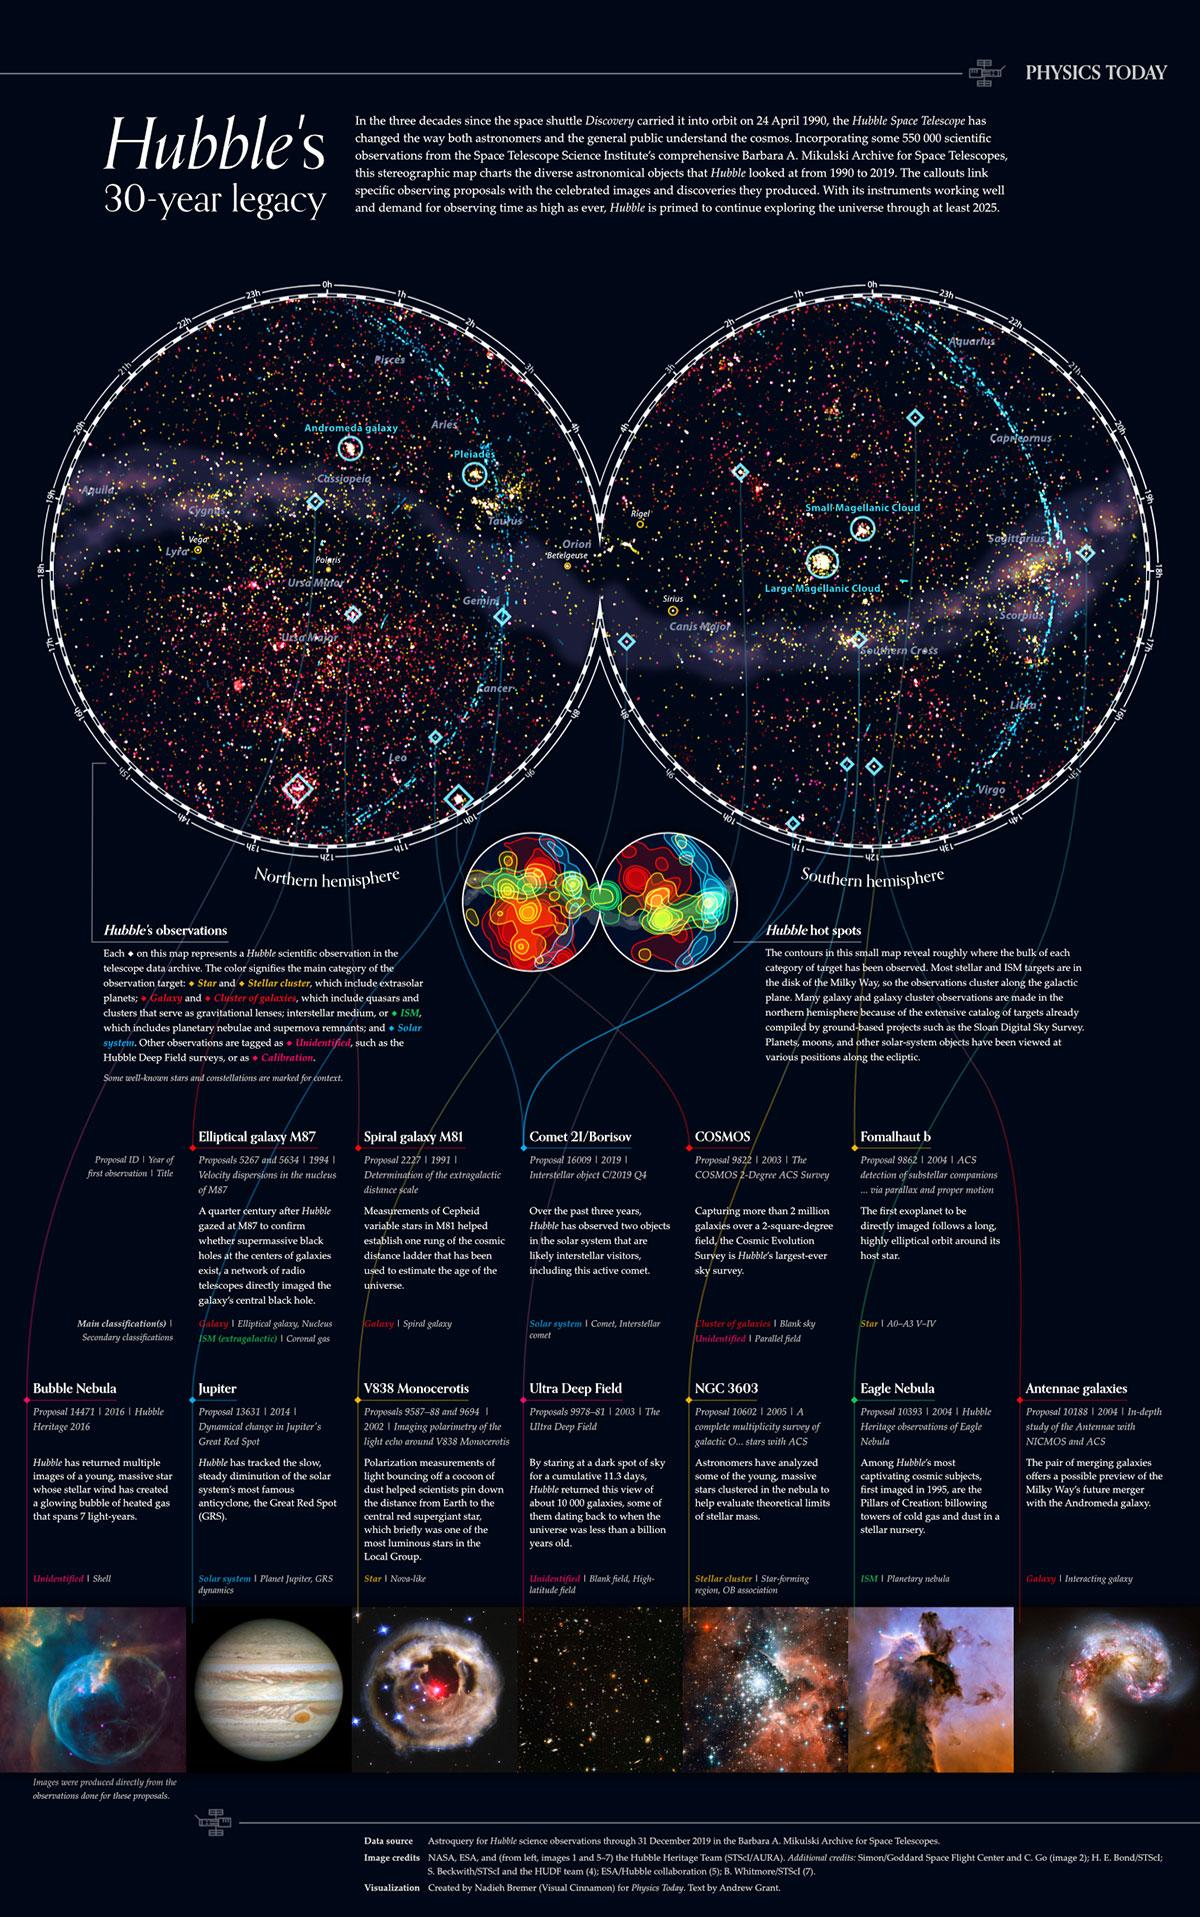 30 anni di osservazioni scientifiche del telescopio spaziale Hubble nell'infografica di Nadieh Bremer (Visual Cinnamon)